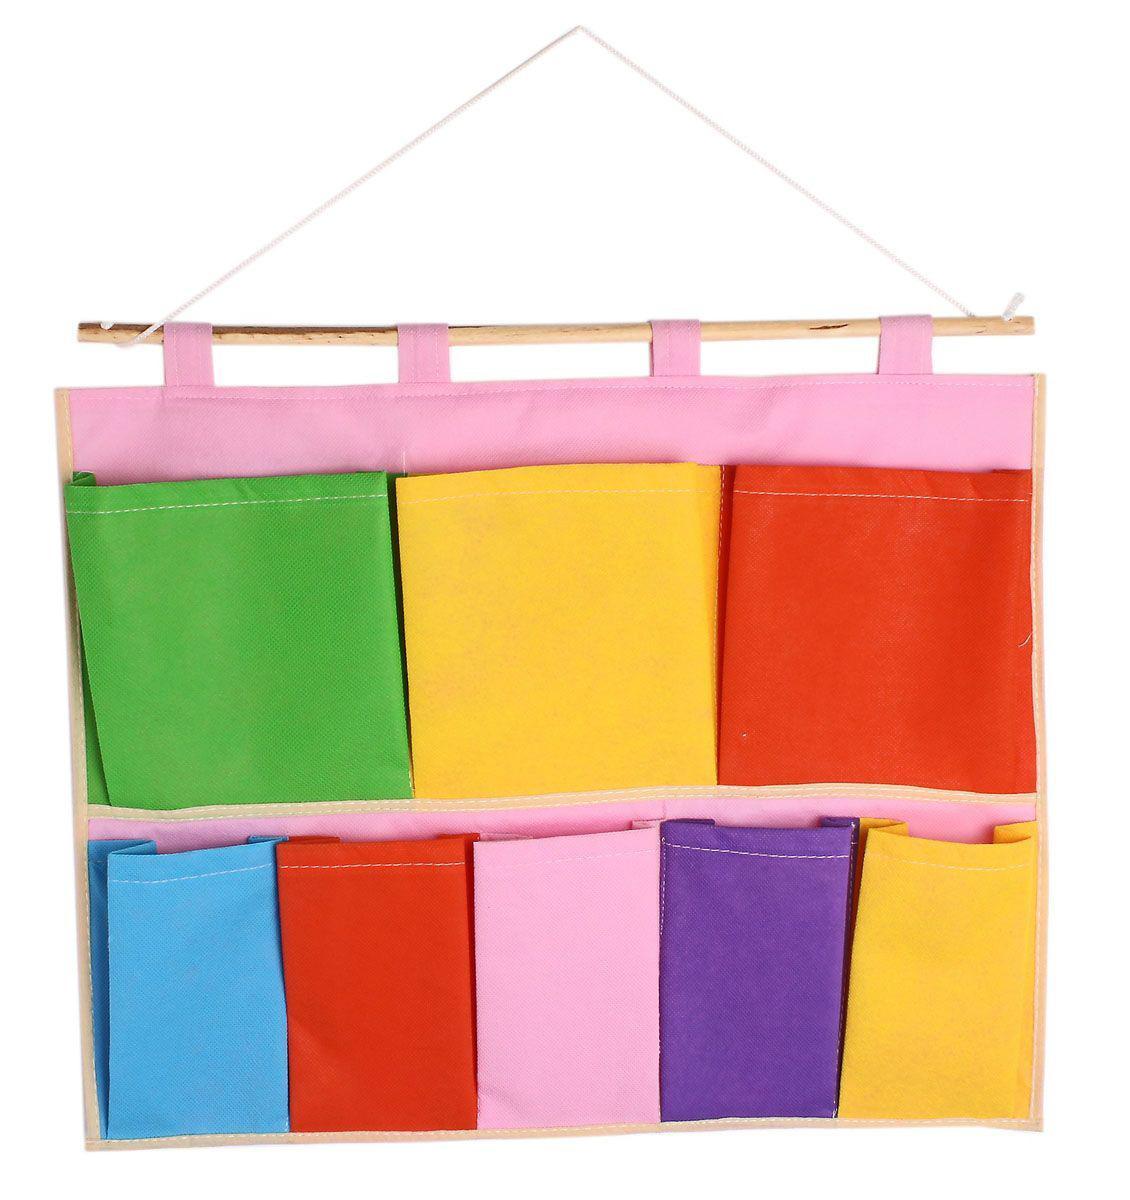 кармашки цветные квадратики 8 отделений 45*40см текстиль 455712455712Карман настенный для хранения Цветные квадратики 8 отделений - это красивая и эргономичная вещь для хранения и организации вещей. В них удобно хранить детские игрушки, книжки и одежду и прочие мелочи.